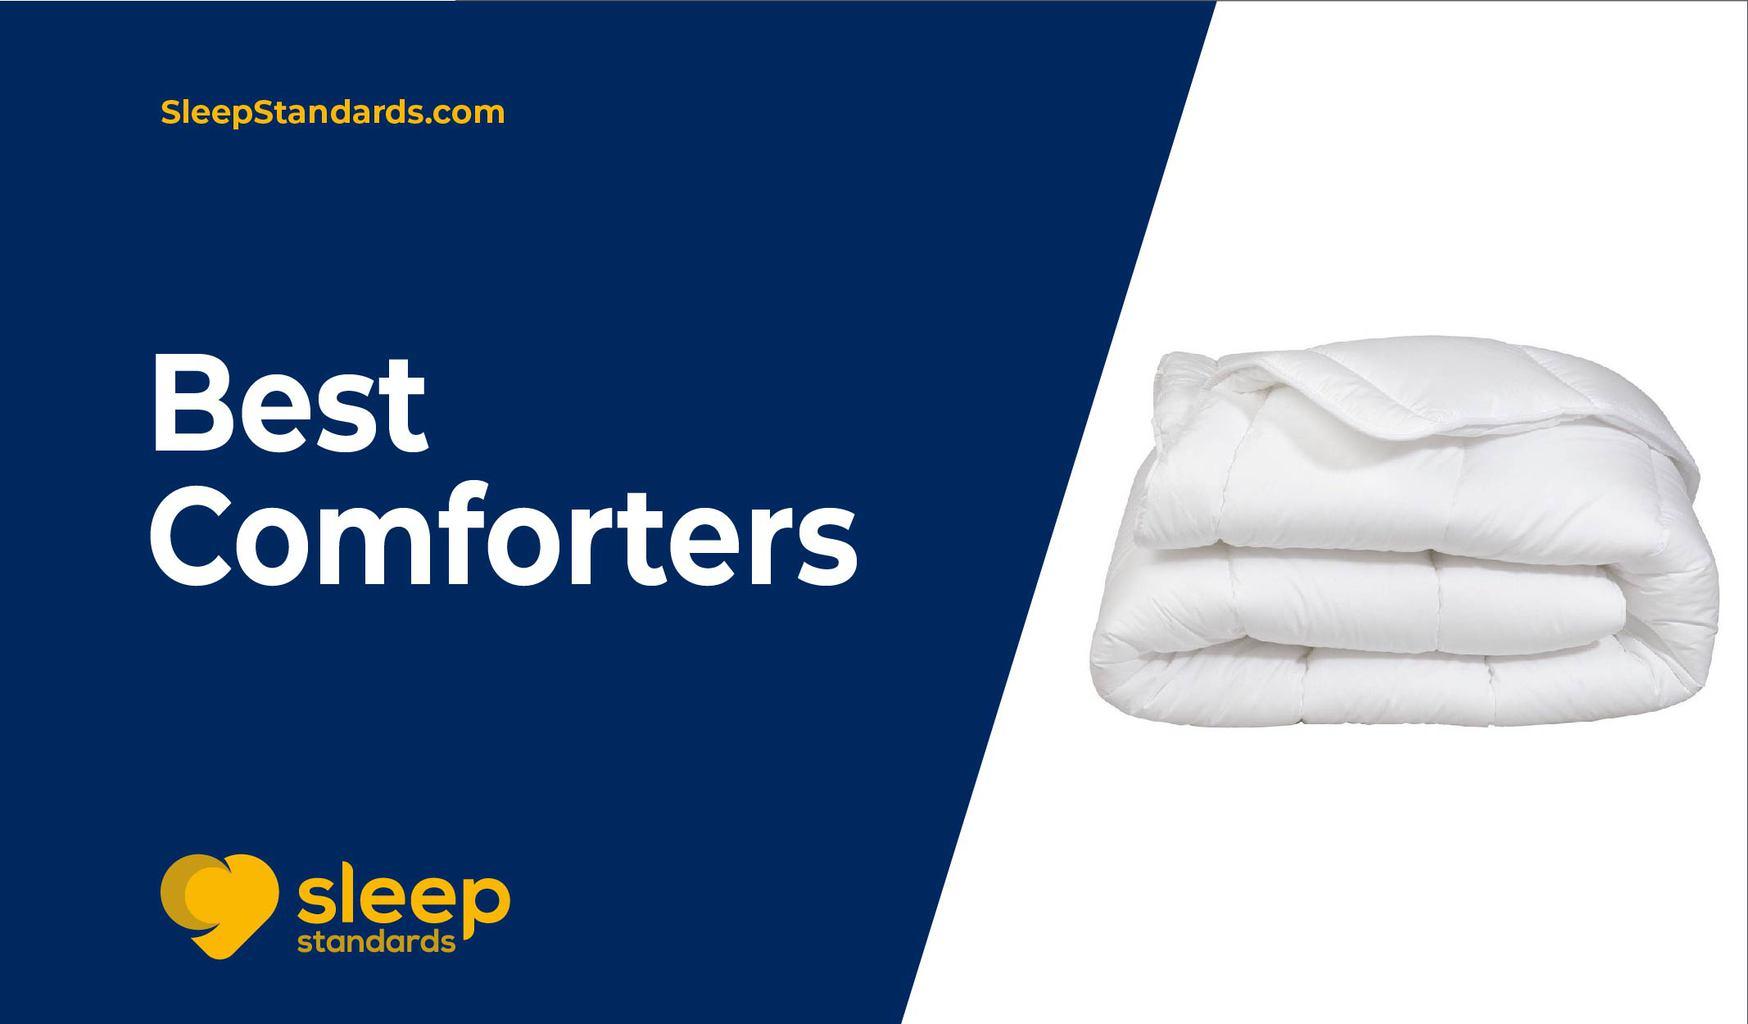 best-comforters